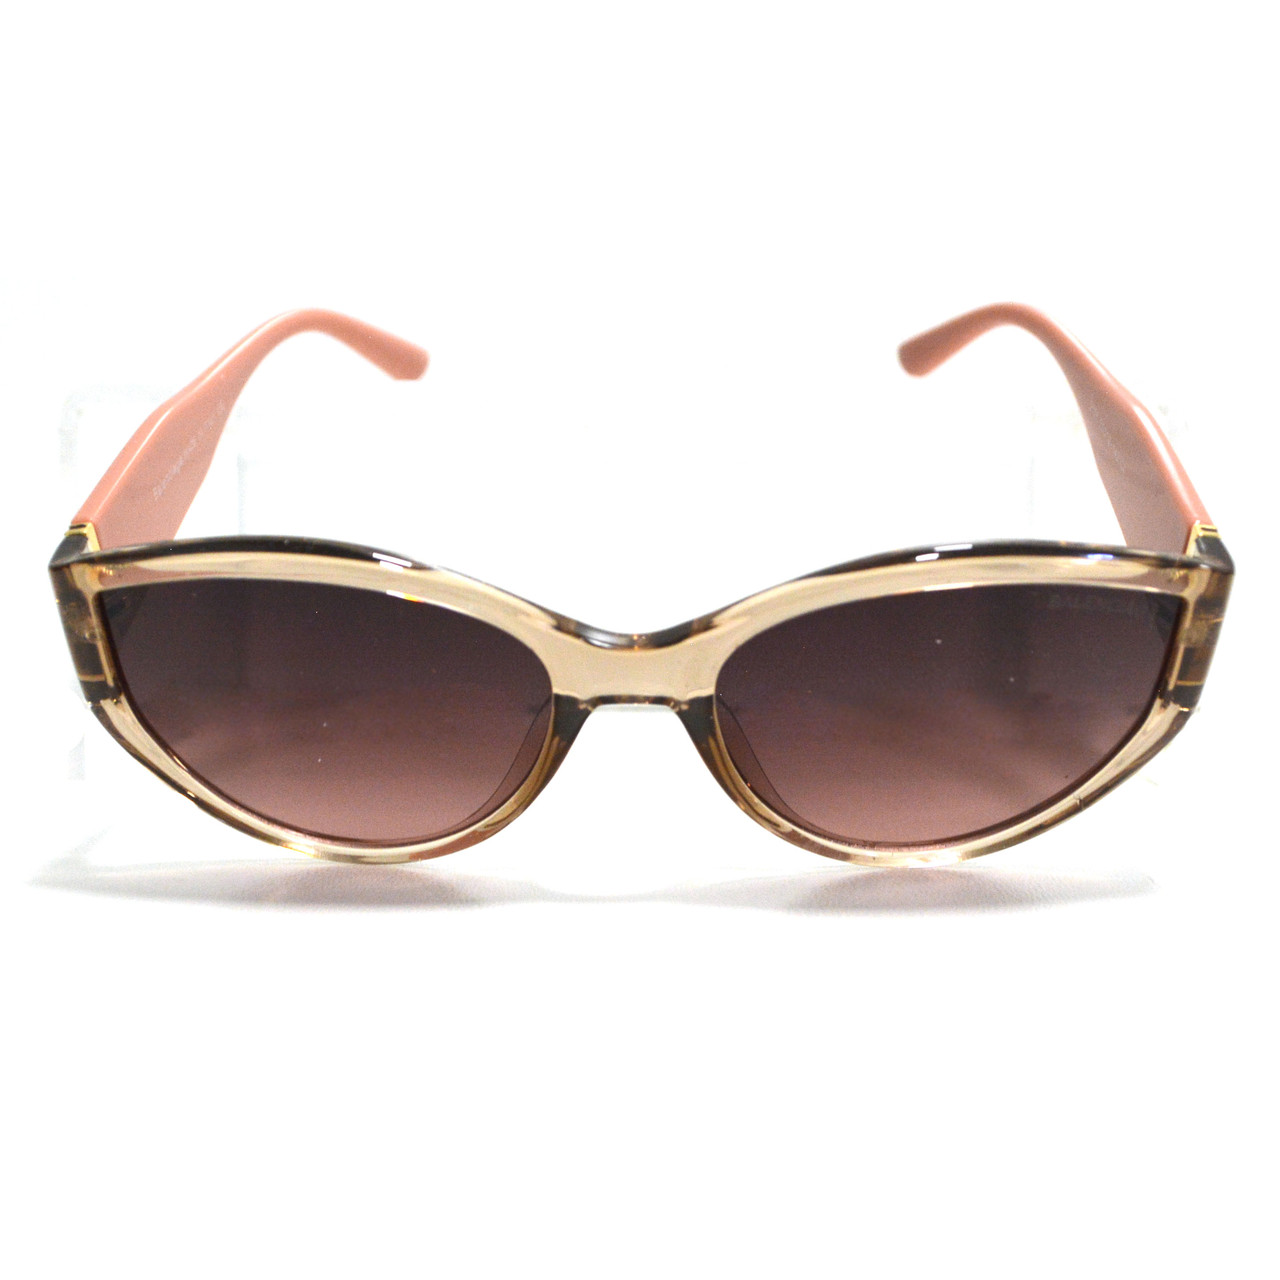 Солнцезащитные очки с коричневыми стеклами с широкой розовой дужкой Balenciaga 2125 - фото 9